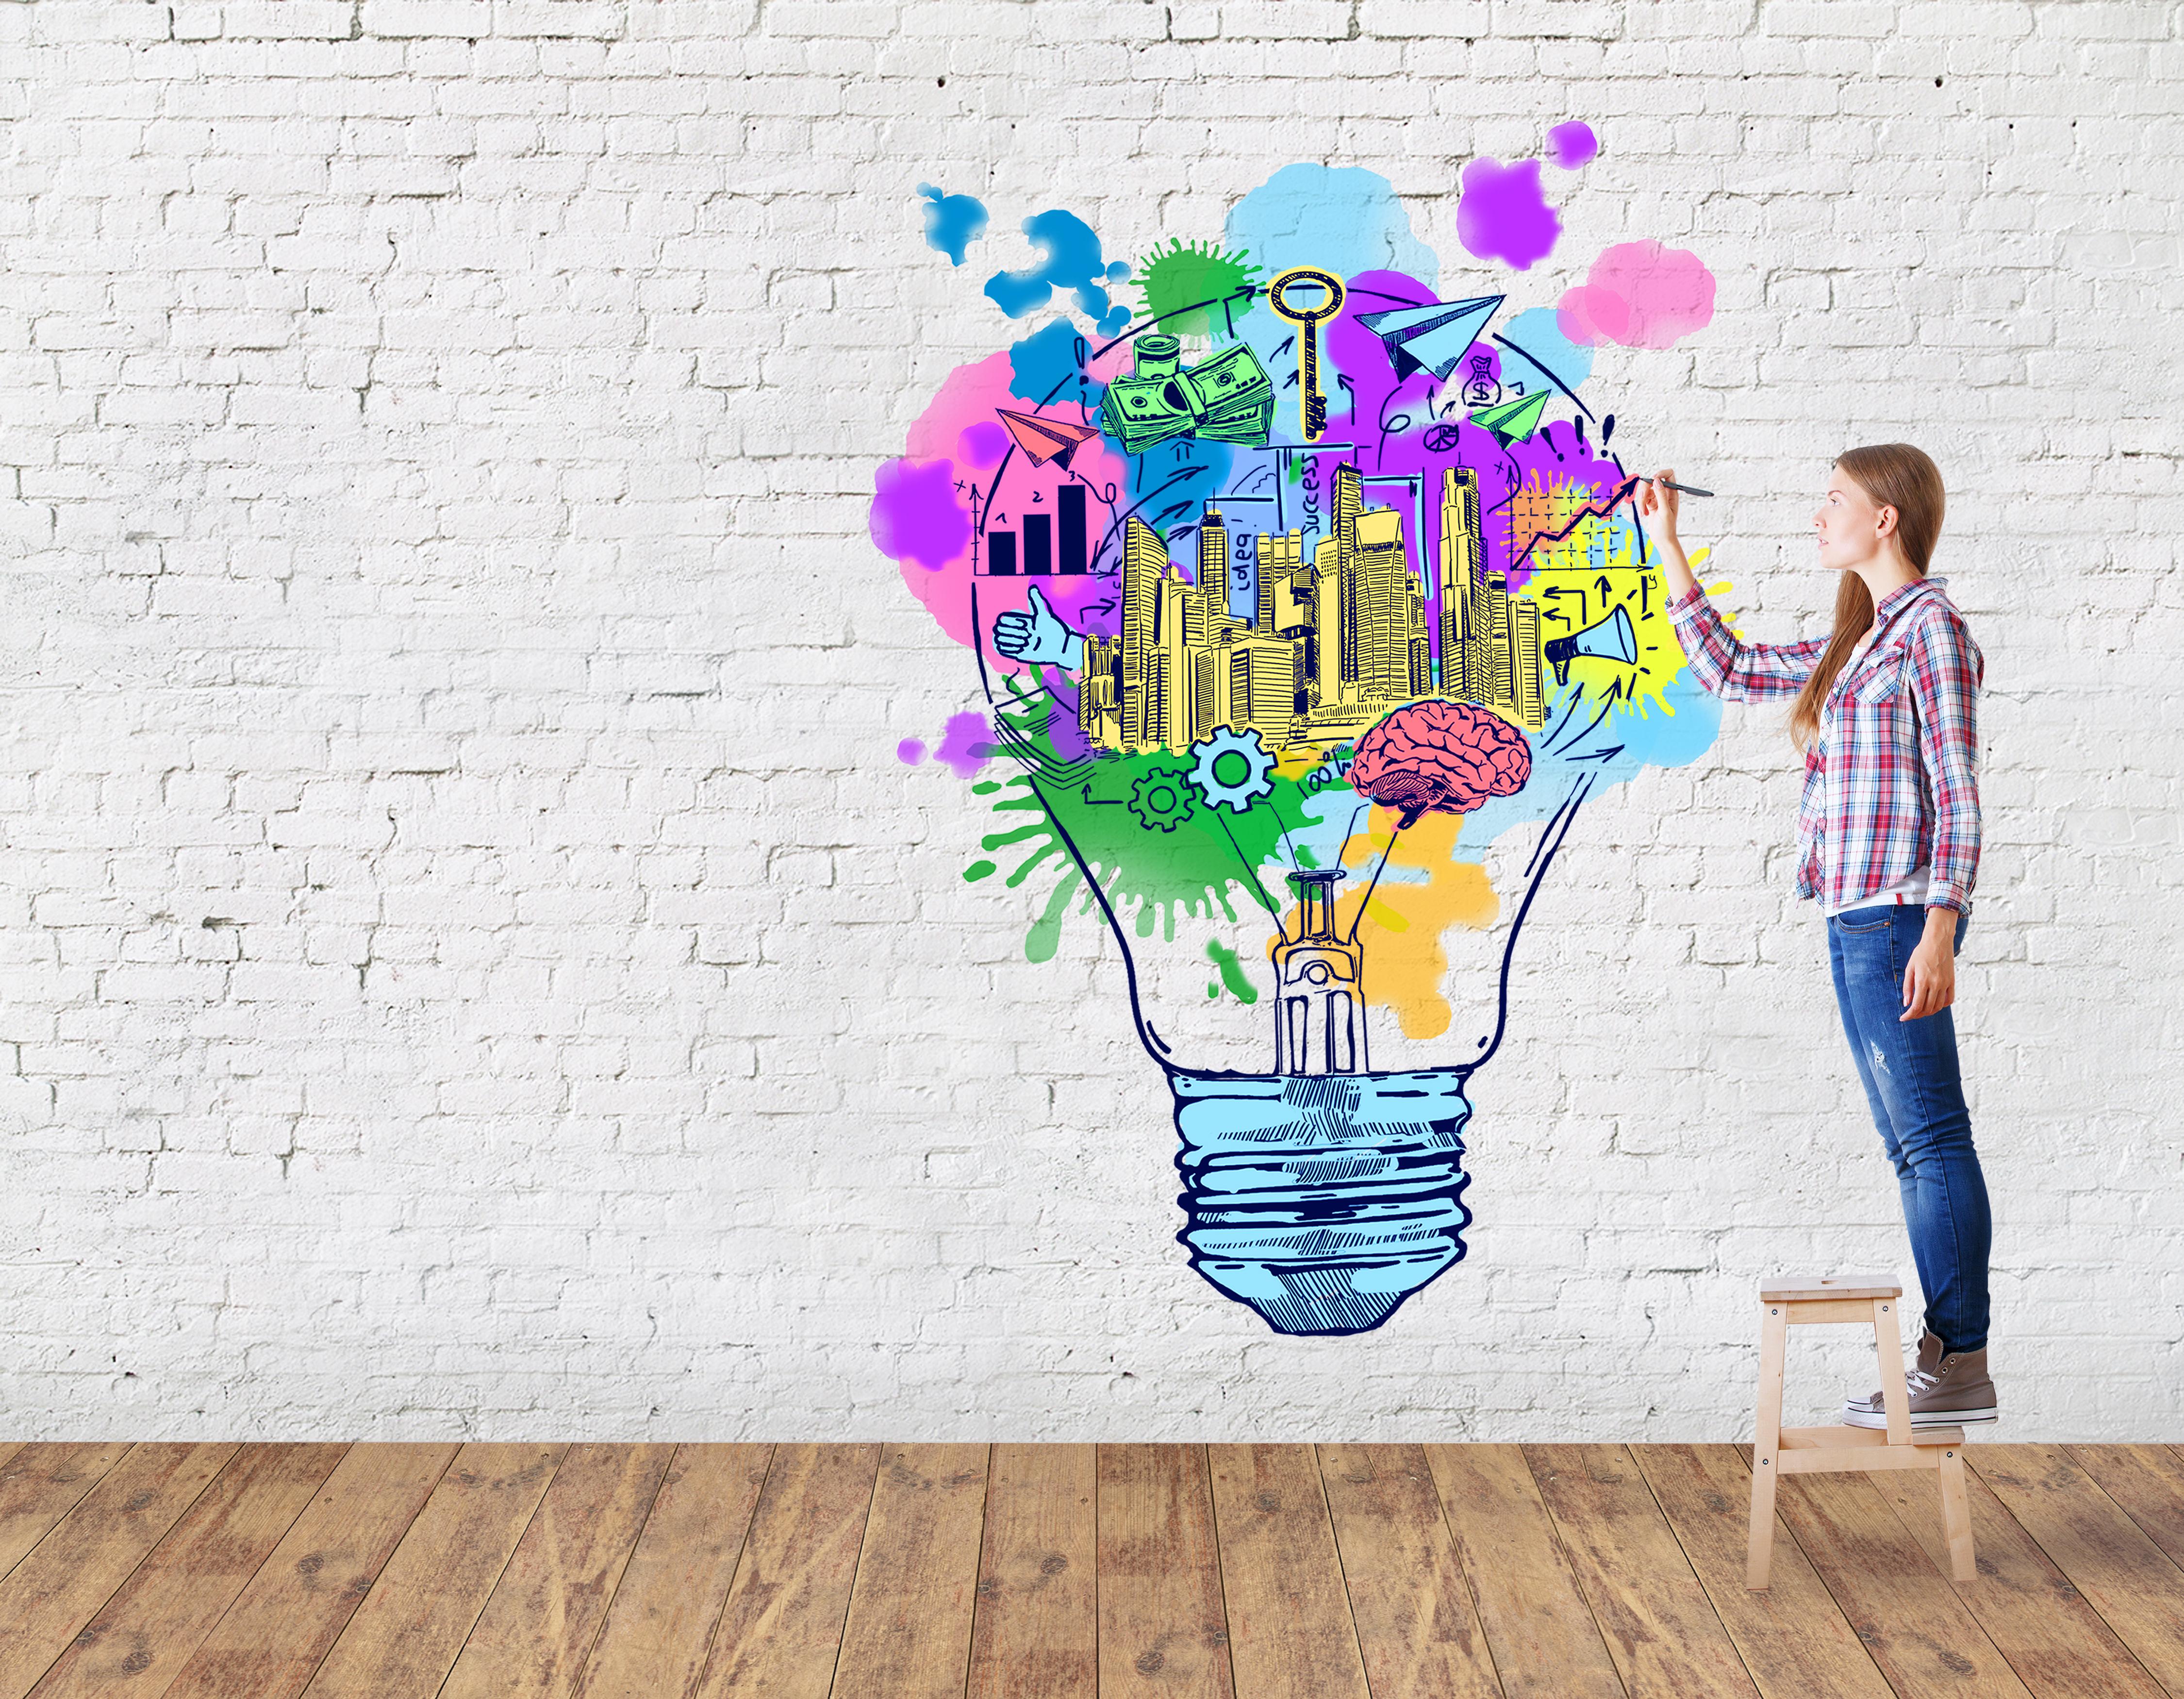 Cateva idei de afaceri pe care le poti incepe cu pana la 5.000 de euro